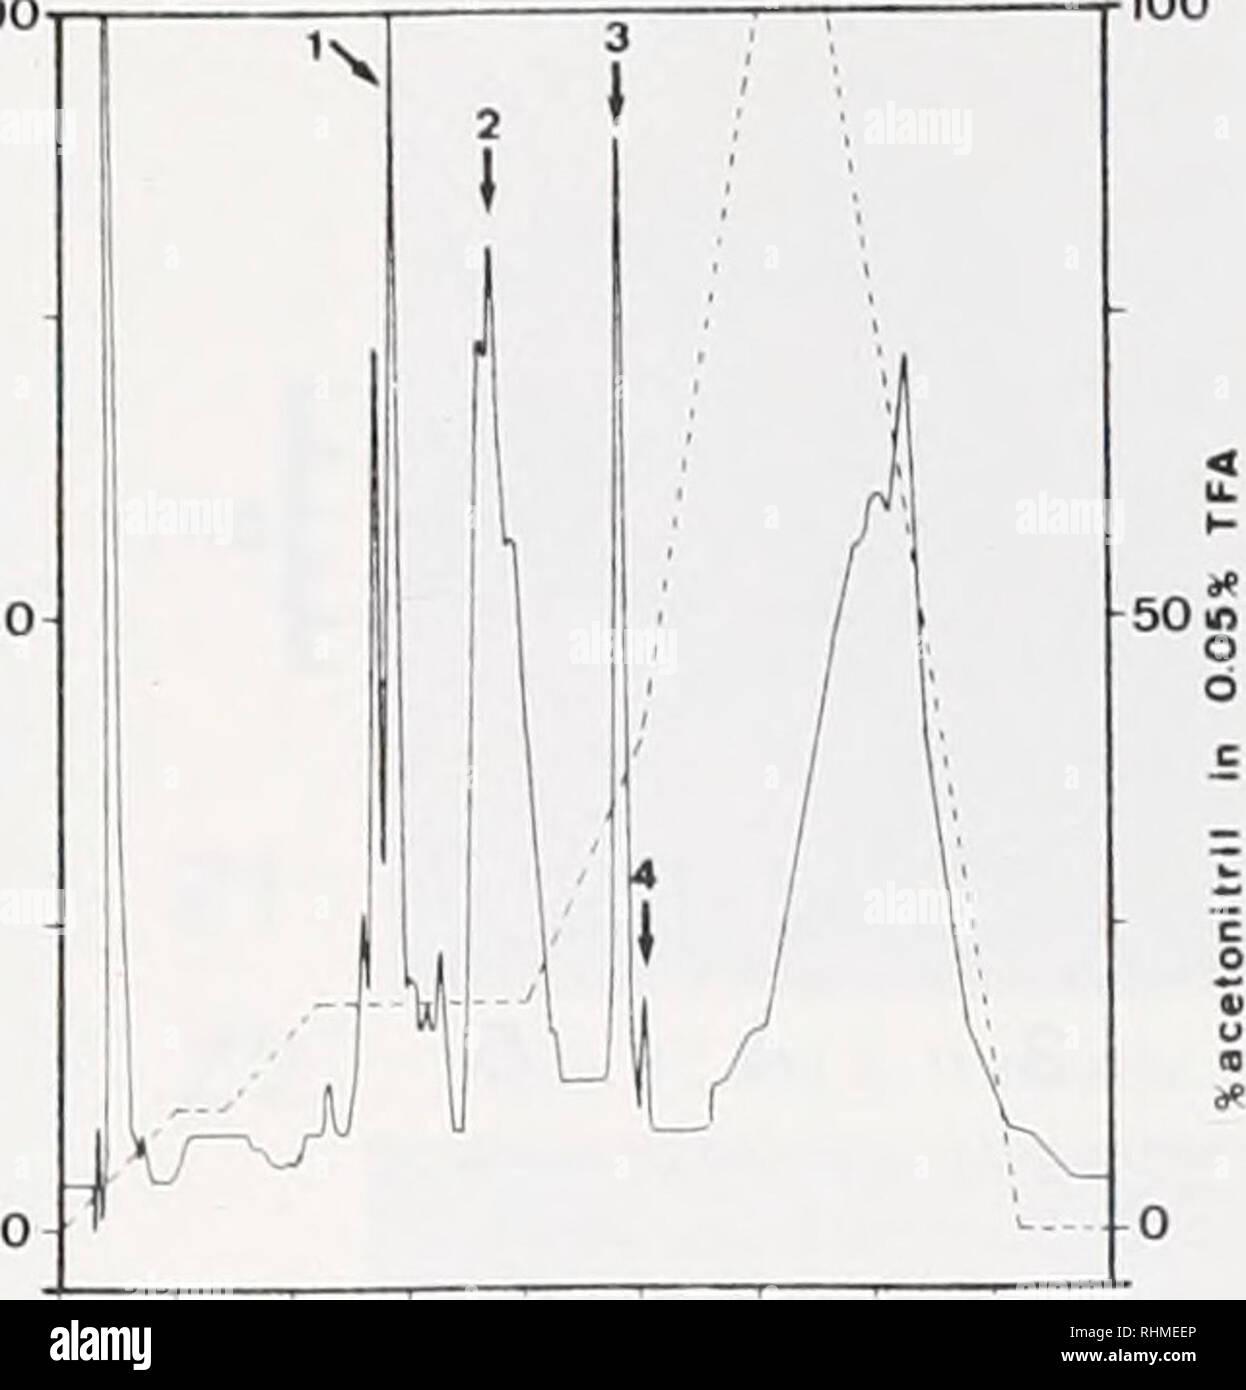 . Le bulletin biologique. Biologie; zoologie; biologie; biologie marine. (NaCl) 02. O - 0 40 12 80 O Nombre de fractions • ^M B I B1 R2 m? Mi 10 20 30 4O c b c d e f g h figure 5. Chromatographie de purification de RI, R2. m J, M2, M3 et les protéines. A. CM-cellulose séparation de l'ensemble des protéines; B. la CLHP de purification de protéines éluées dans la fraction I par la centrale A; C. le contrôle des protéines par électrophorèse punned: lane c, protéine de RL 11 fraction de un panneau; lane d. protéine R2 à partir de la fraction d'un groupe III; lane f, protéine ml de crête 3 de bord B: lane g. protéine m2 à partir de 4 pics de bord B, couloir Banque D'Images